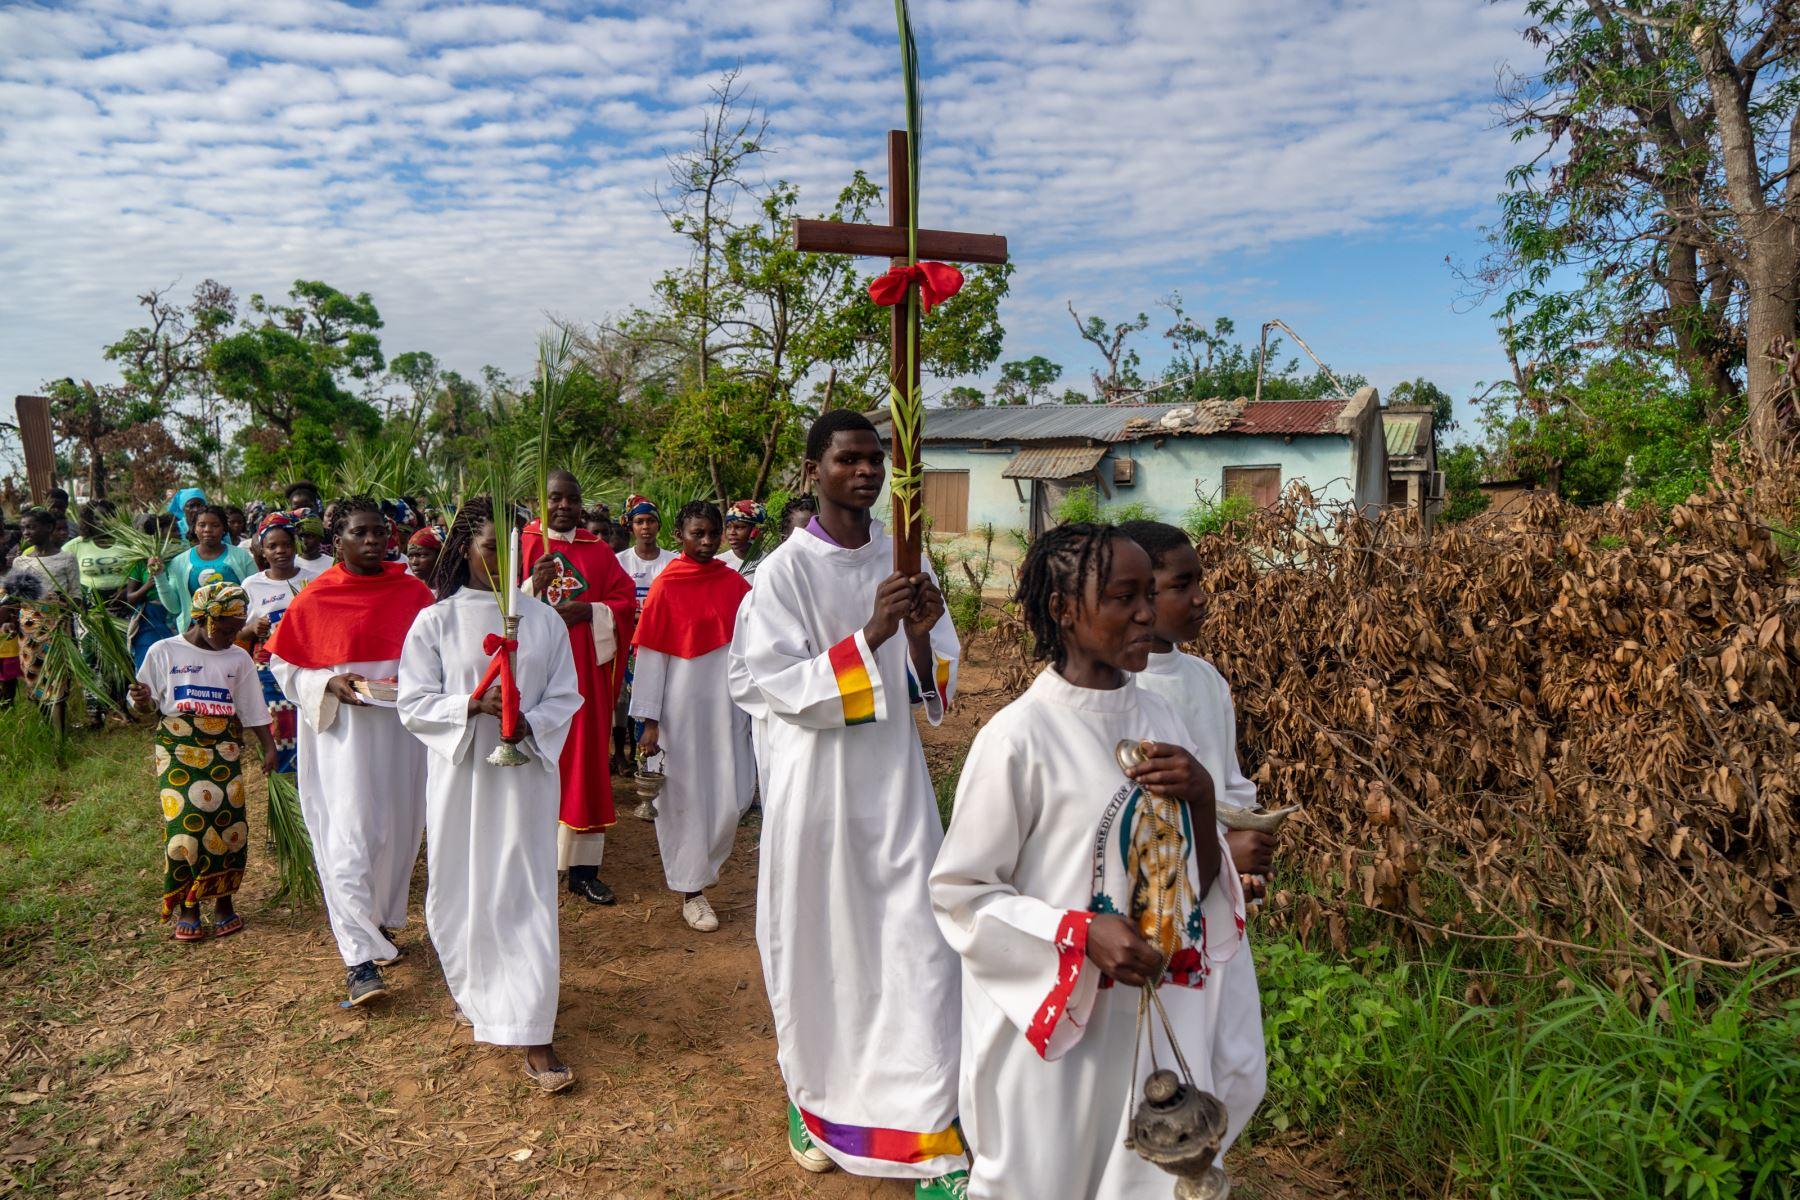 Un congregante sostiene una cruz santa que pasa junto a los escombros durante una marcha para conmemorar el Domingo de Ramos en la Iglesia Católica Parroquial de la Dama de Gracia en Barrio Manasse, distrito de Buzi, provincia de Sofala, Mozambique. Foto : AFP